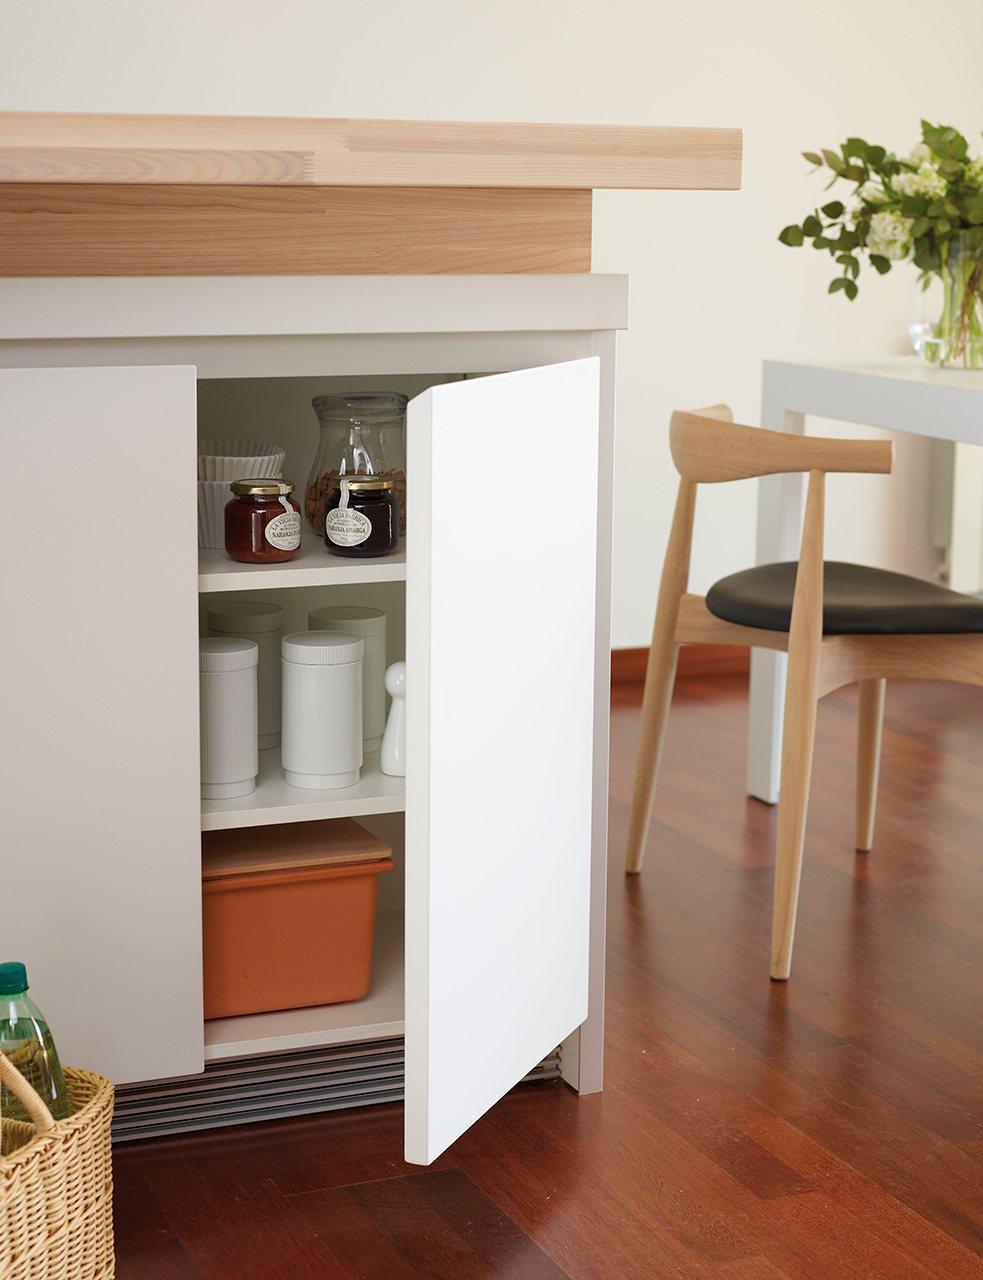 Limpiar Muebles De Cocina Nuevos